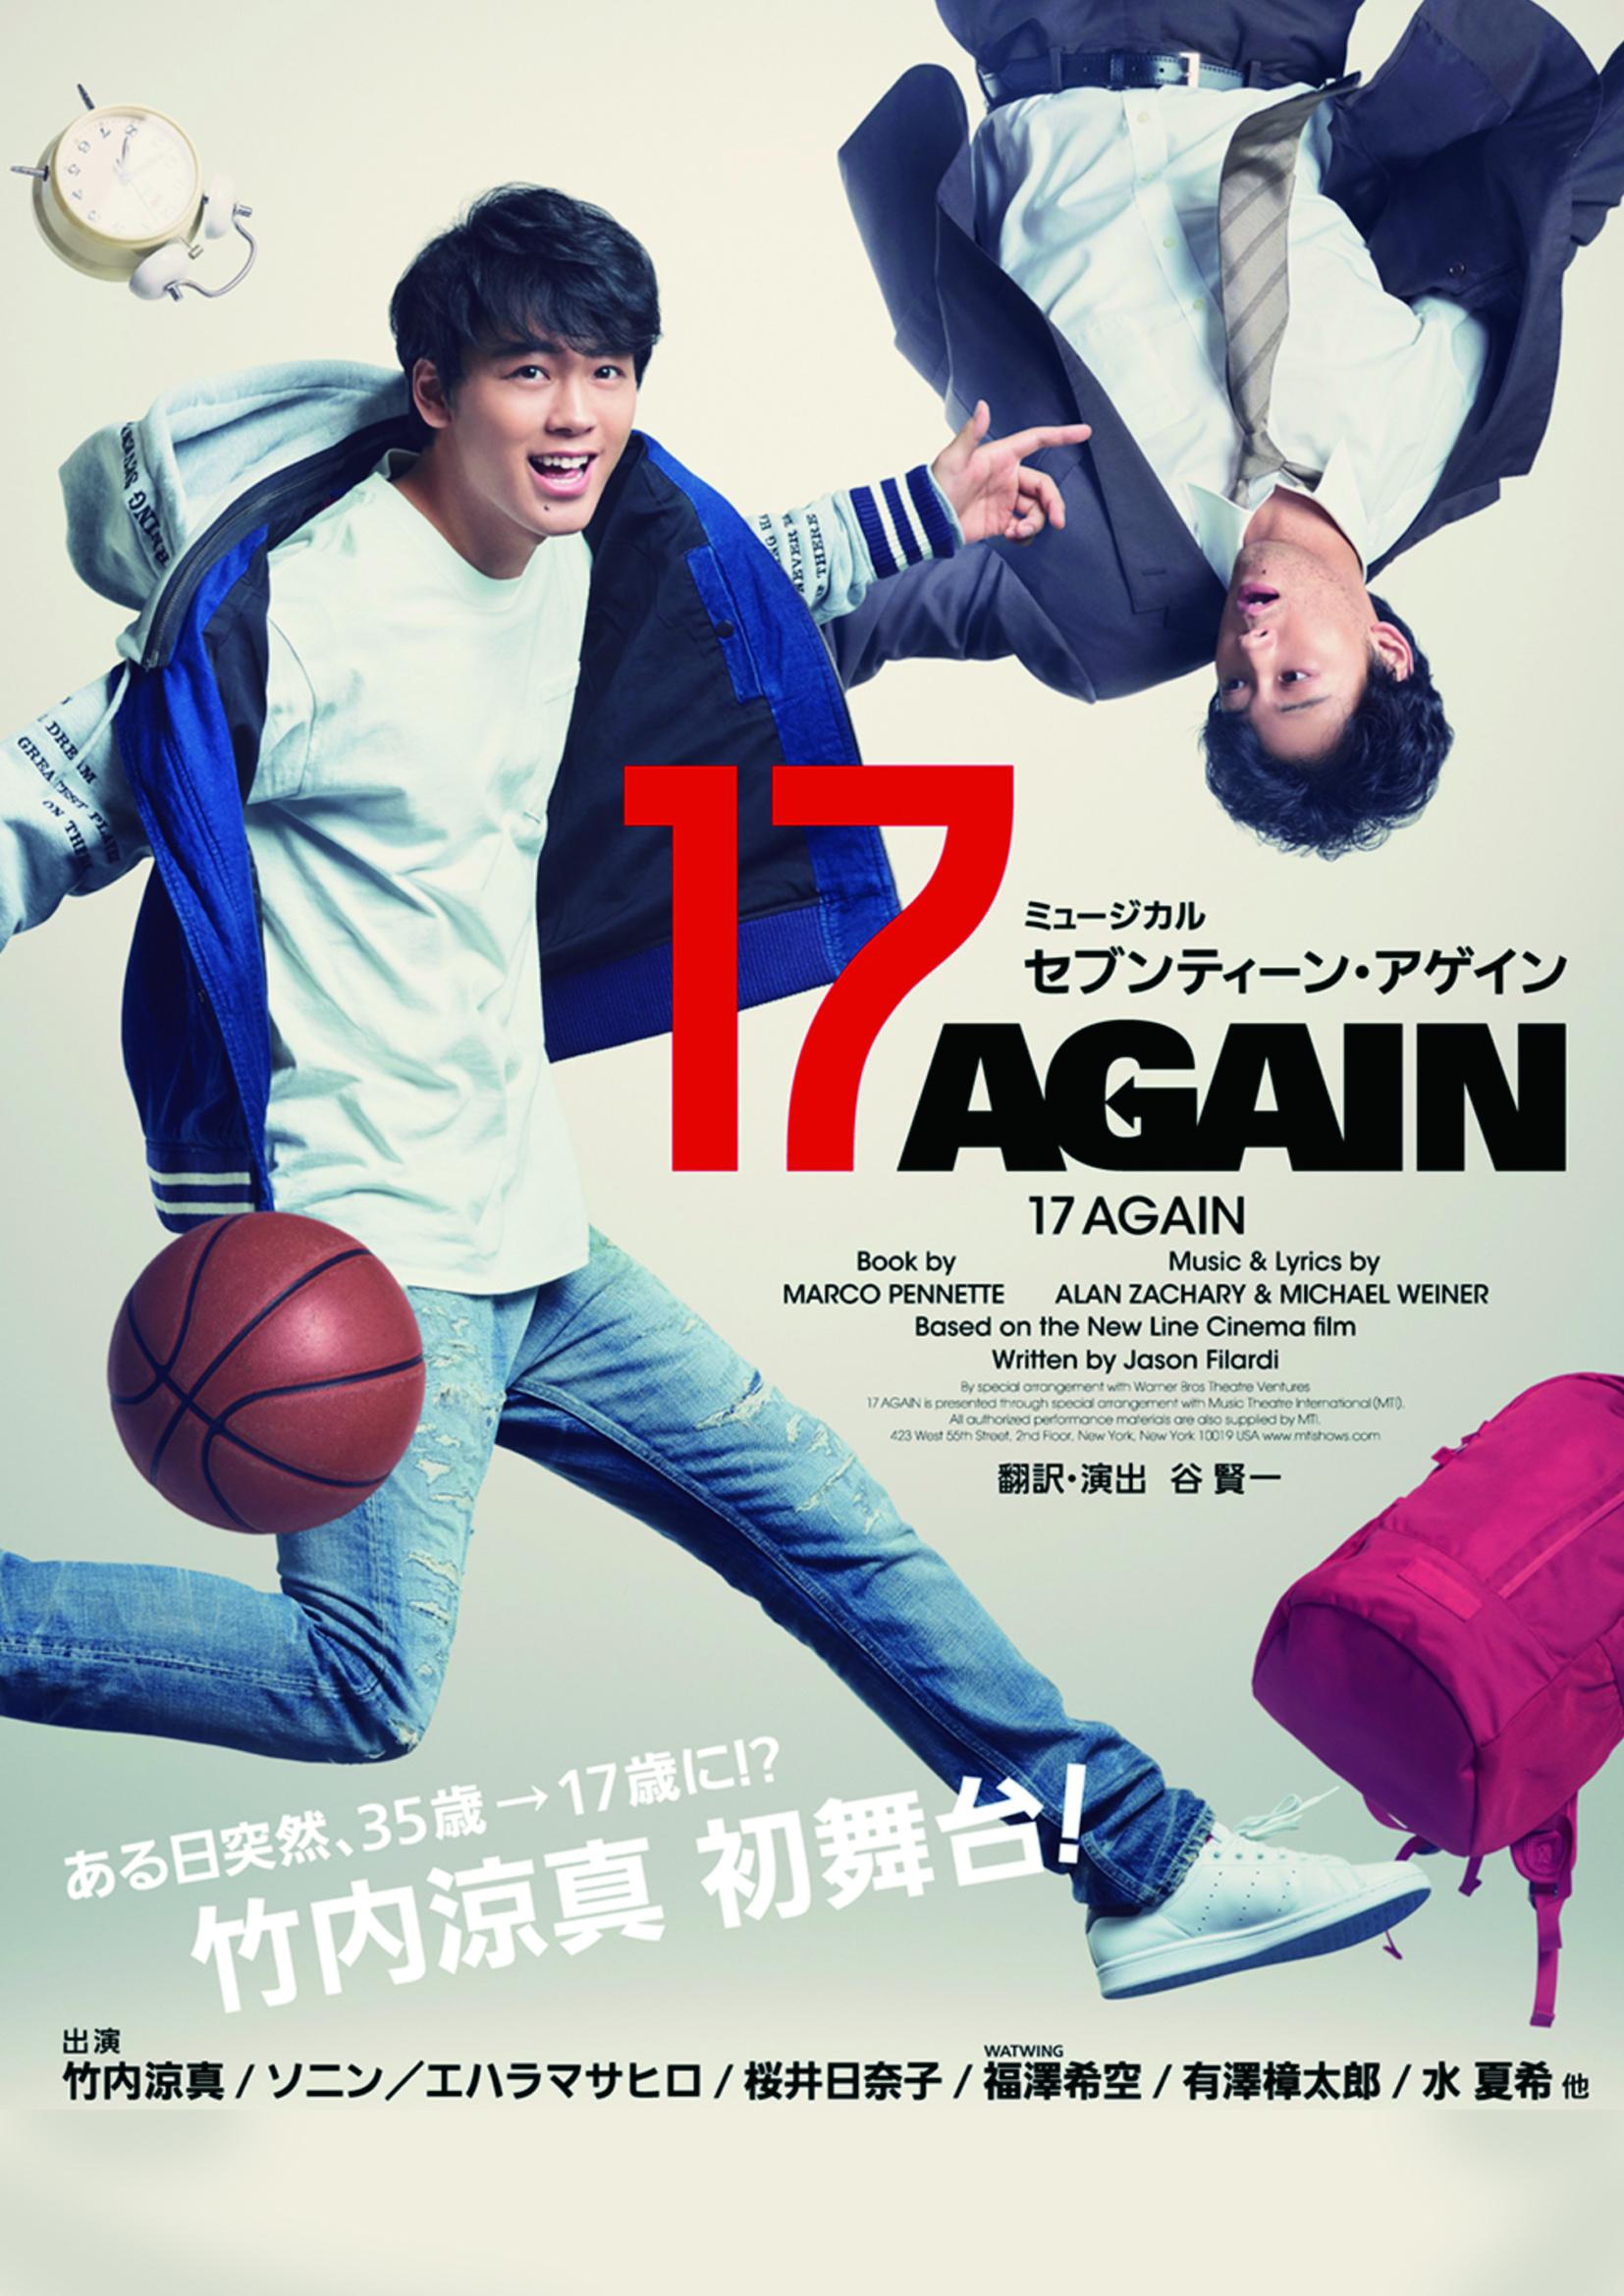 ミュージカル 『17 AGAIN』